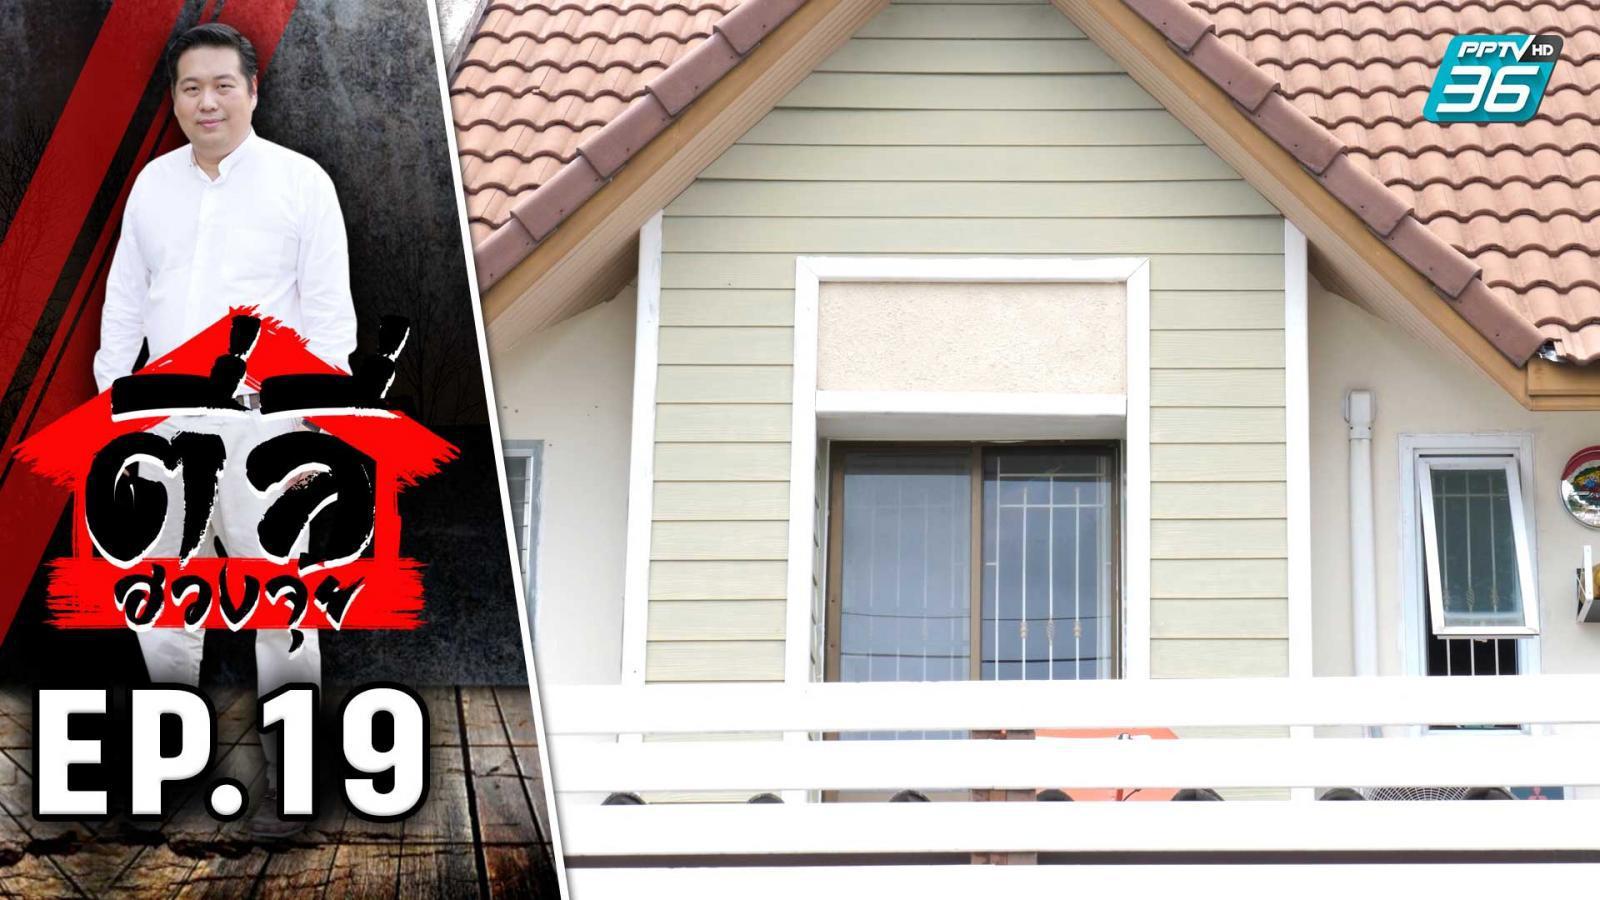 ตี่ลี่ฮวงจุ้ย EP.19| ตอน จัดบ้านผิด แย่ทั้งครอบครัว!  | PPTV HD 36